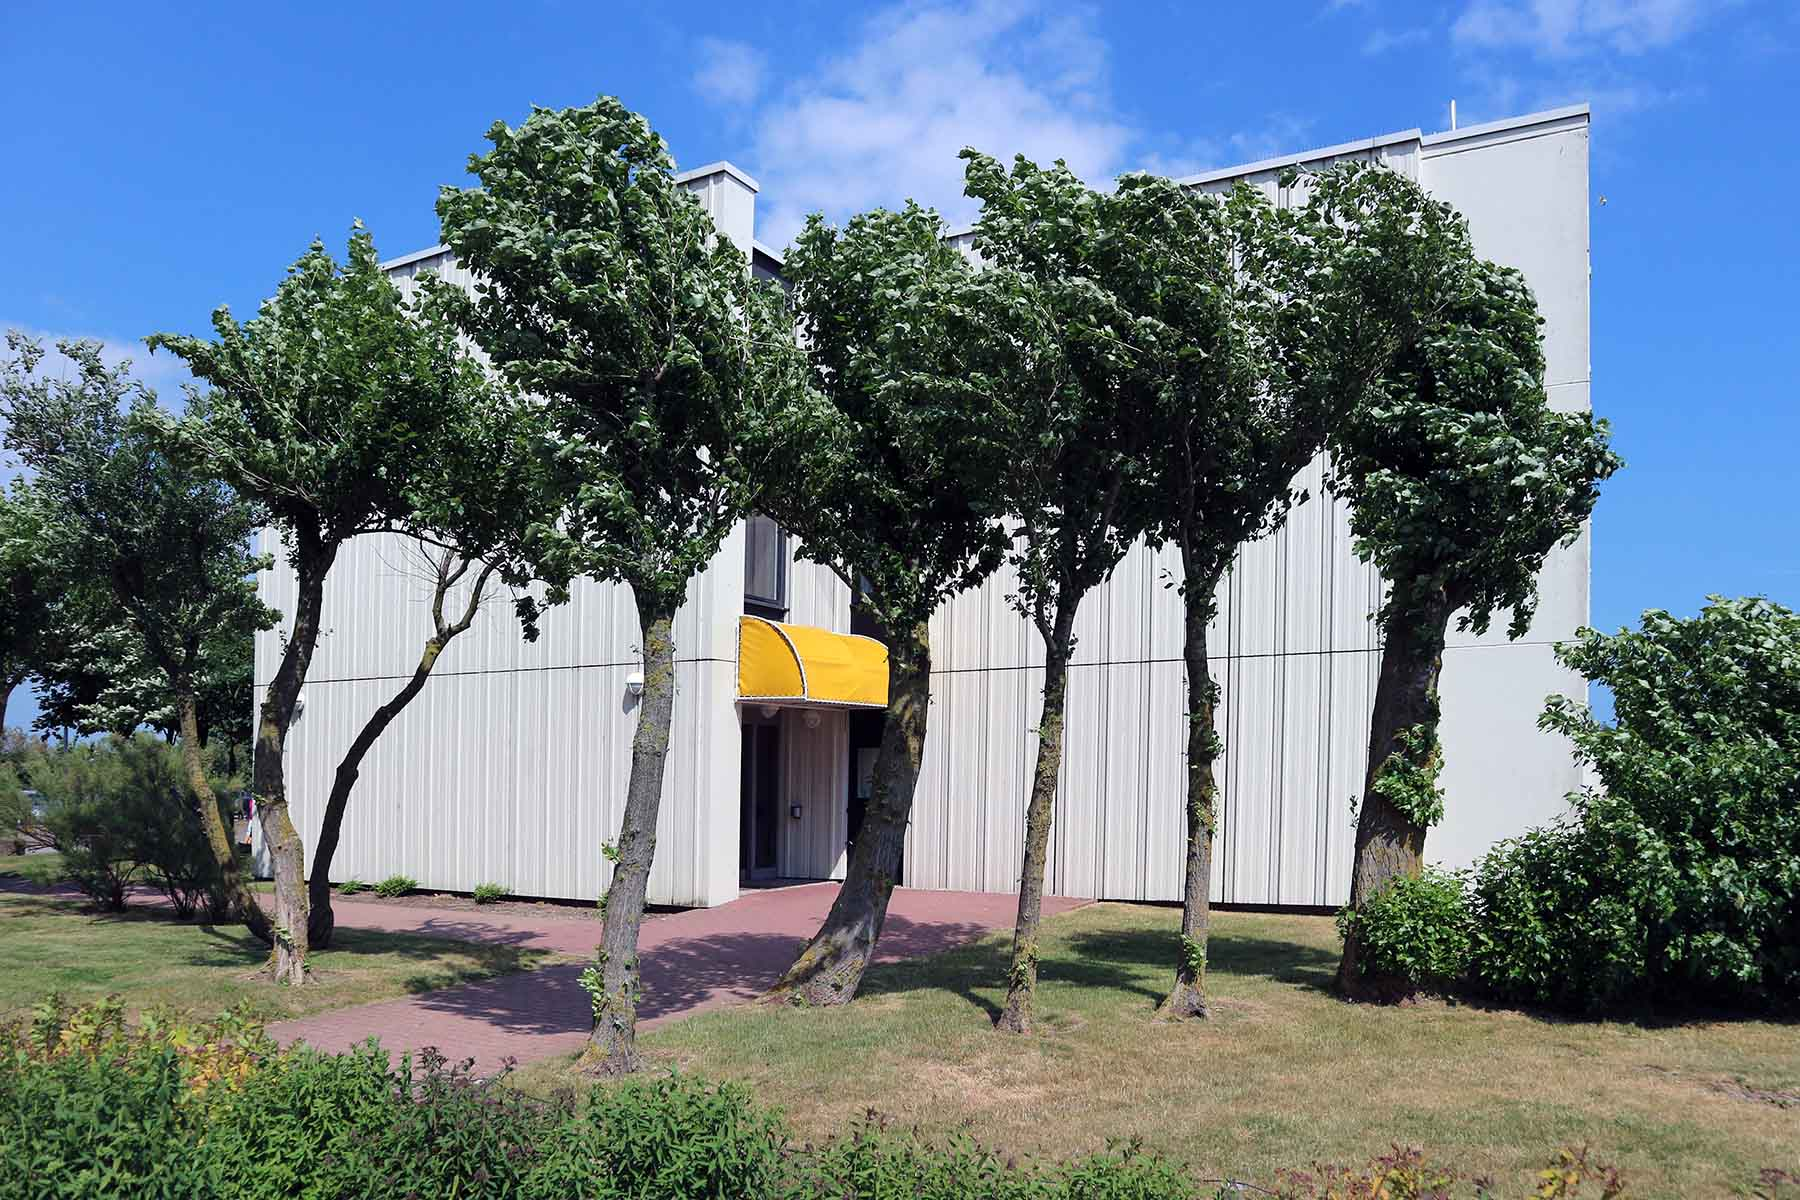 Vitamar. Die Apartmentanlage Vitamar grenzt östlich an die Fernblickhäuser an. Der Baustil ähnelt dem der Apartmenthäuser im Westteil der Halbinsel.